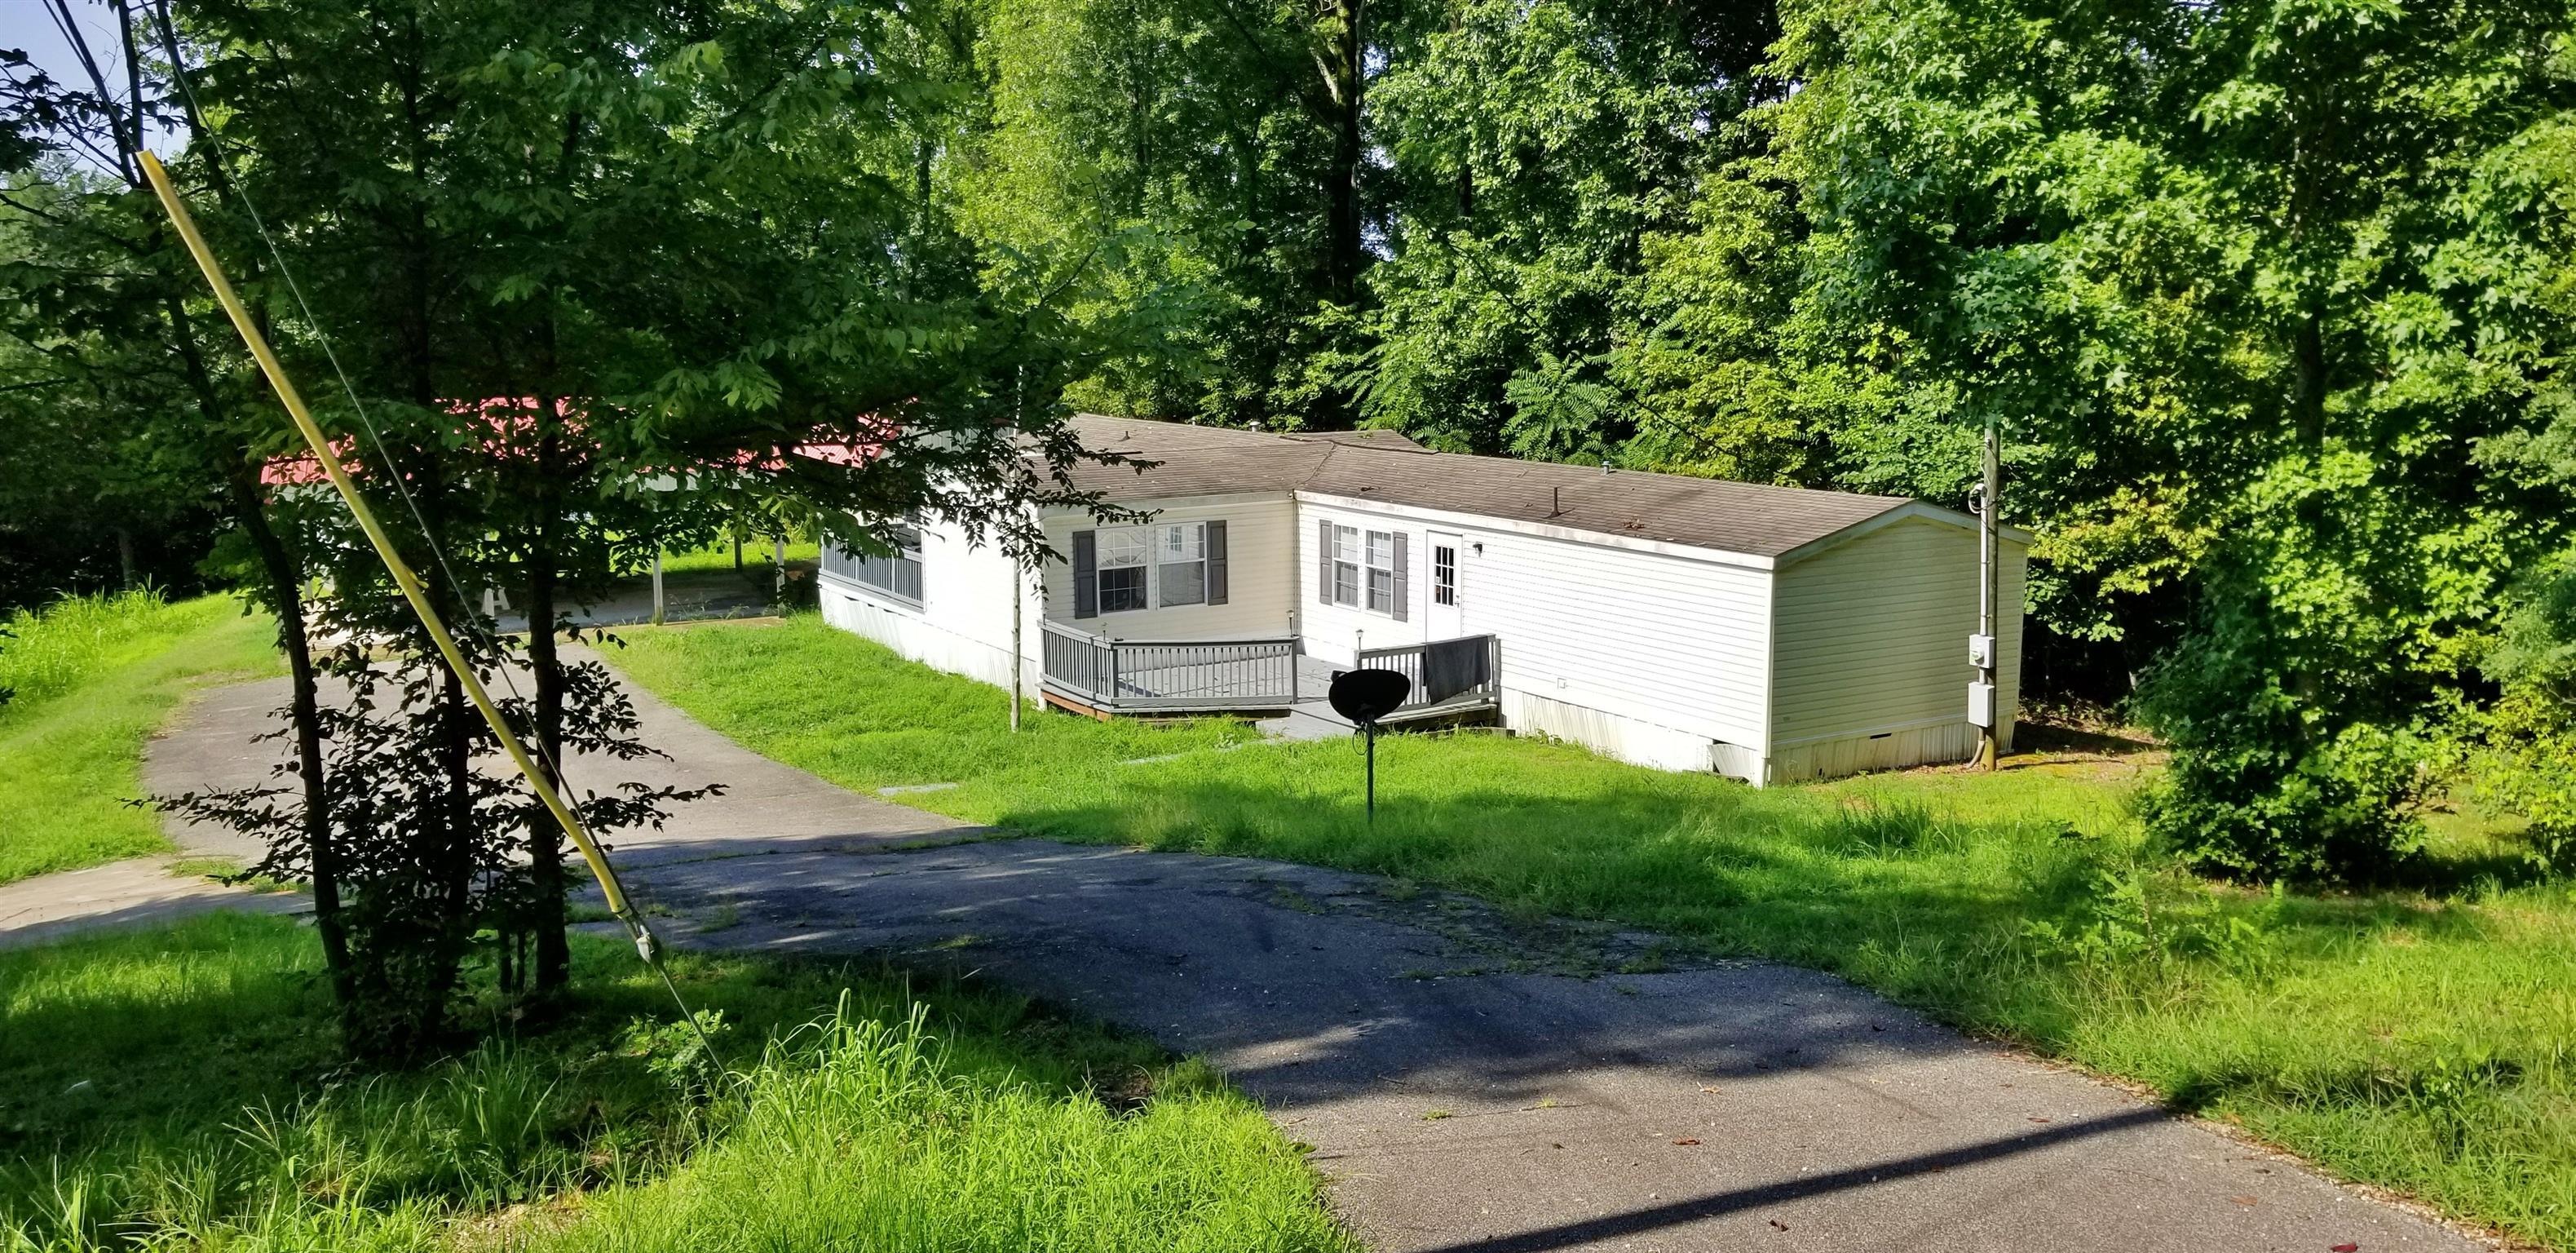 7240 Kilo Ford Rd, Parsons, TN 38363 - Parsons, TN real estate listing